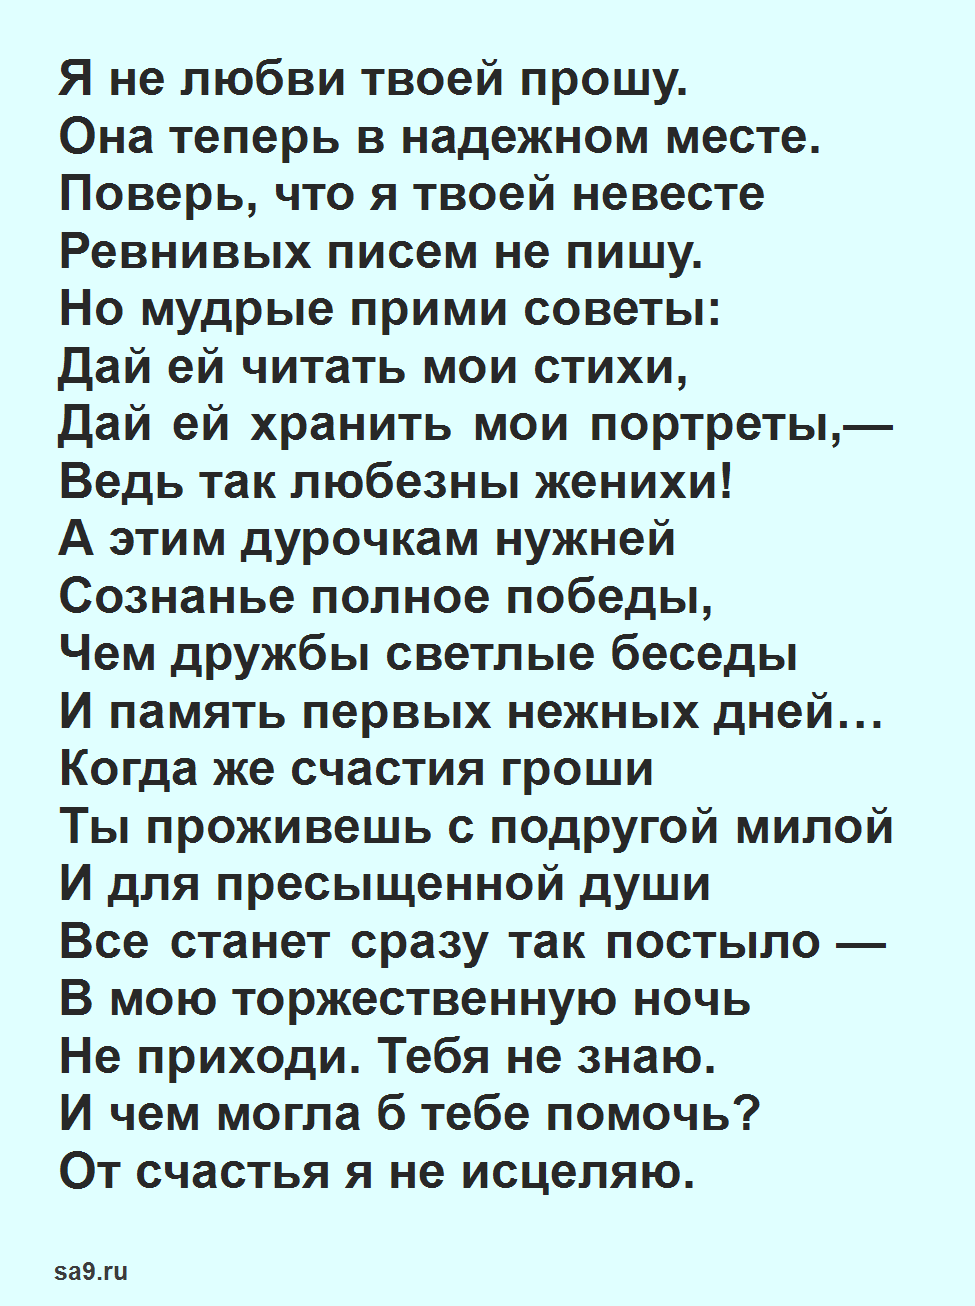 Ахматова стихи о любви лучшие - Я не любви твоей прошу, 20 строк